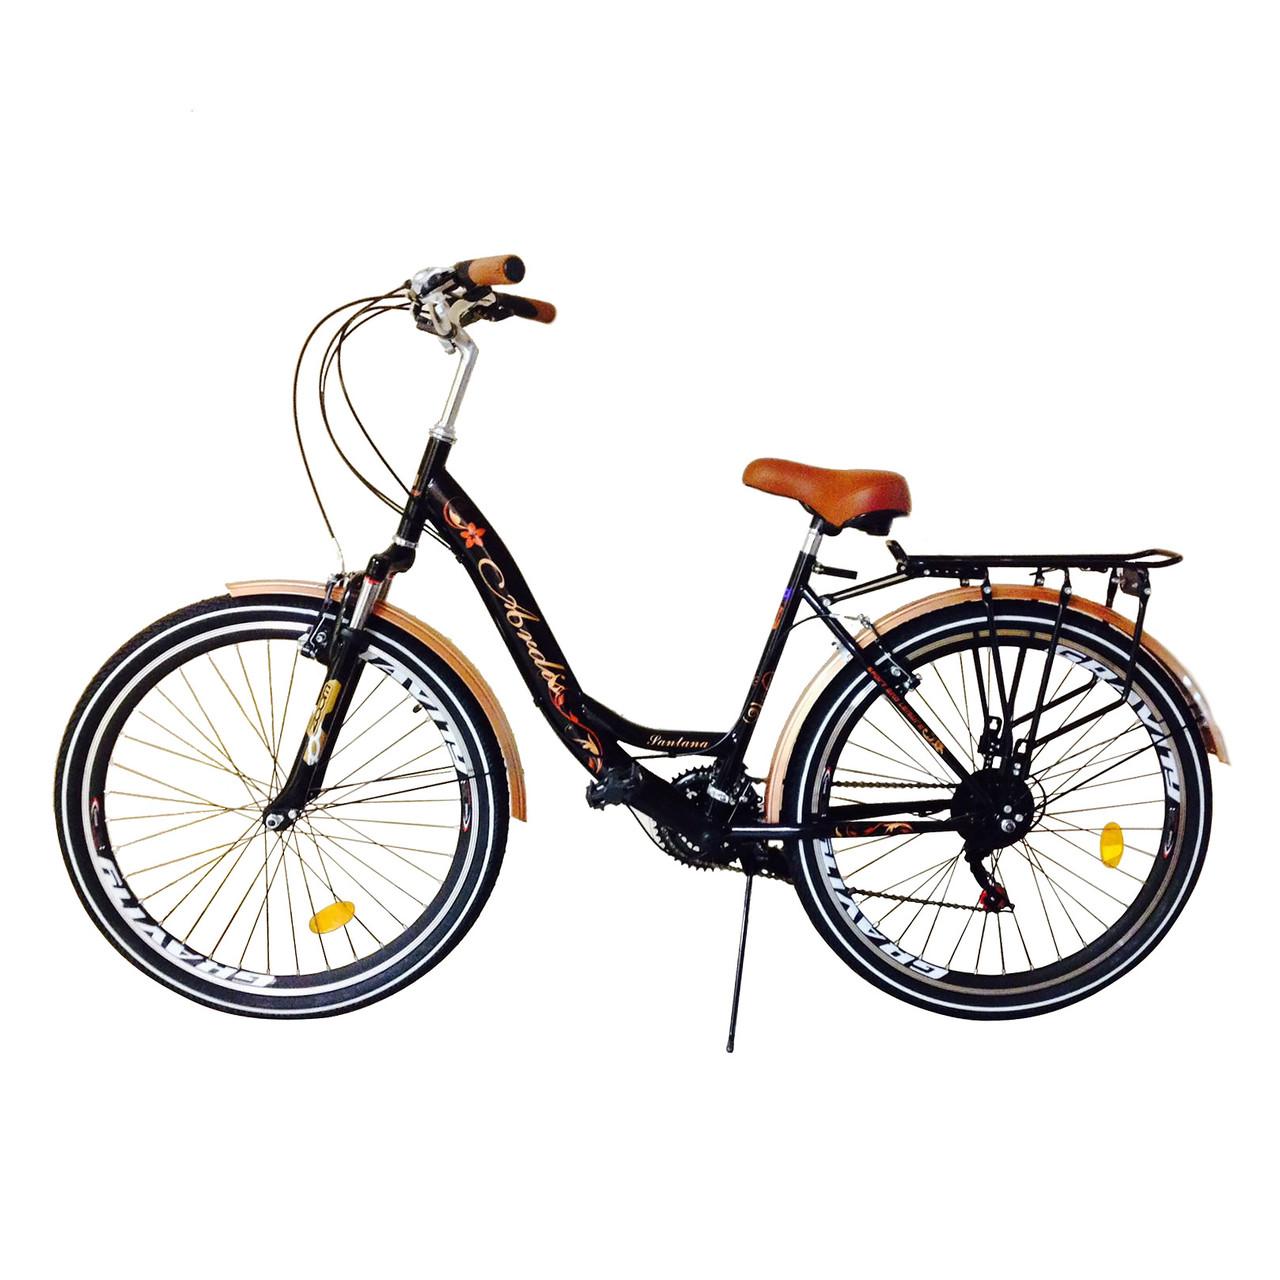 """Міський велосипед ARDIS SANTANA CTB 2 26"""" (чорно-коричневий)"""